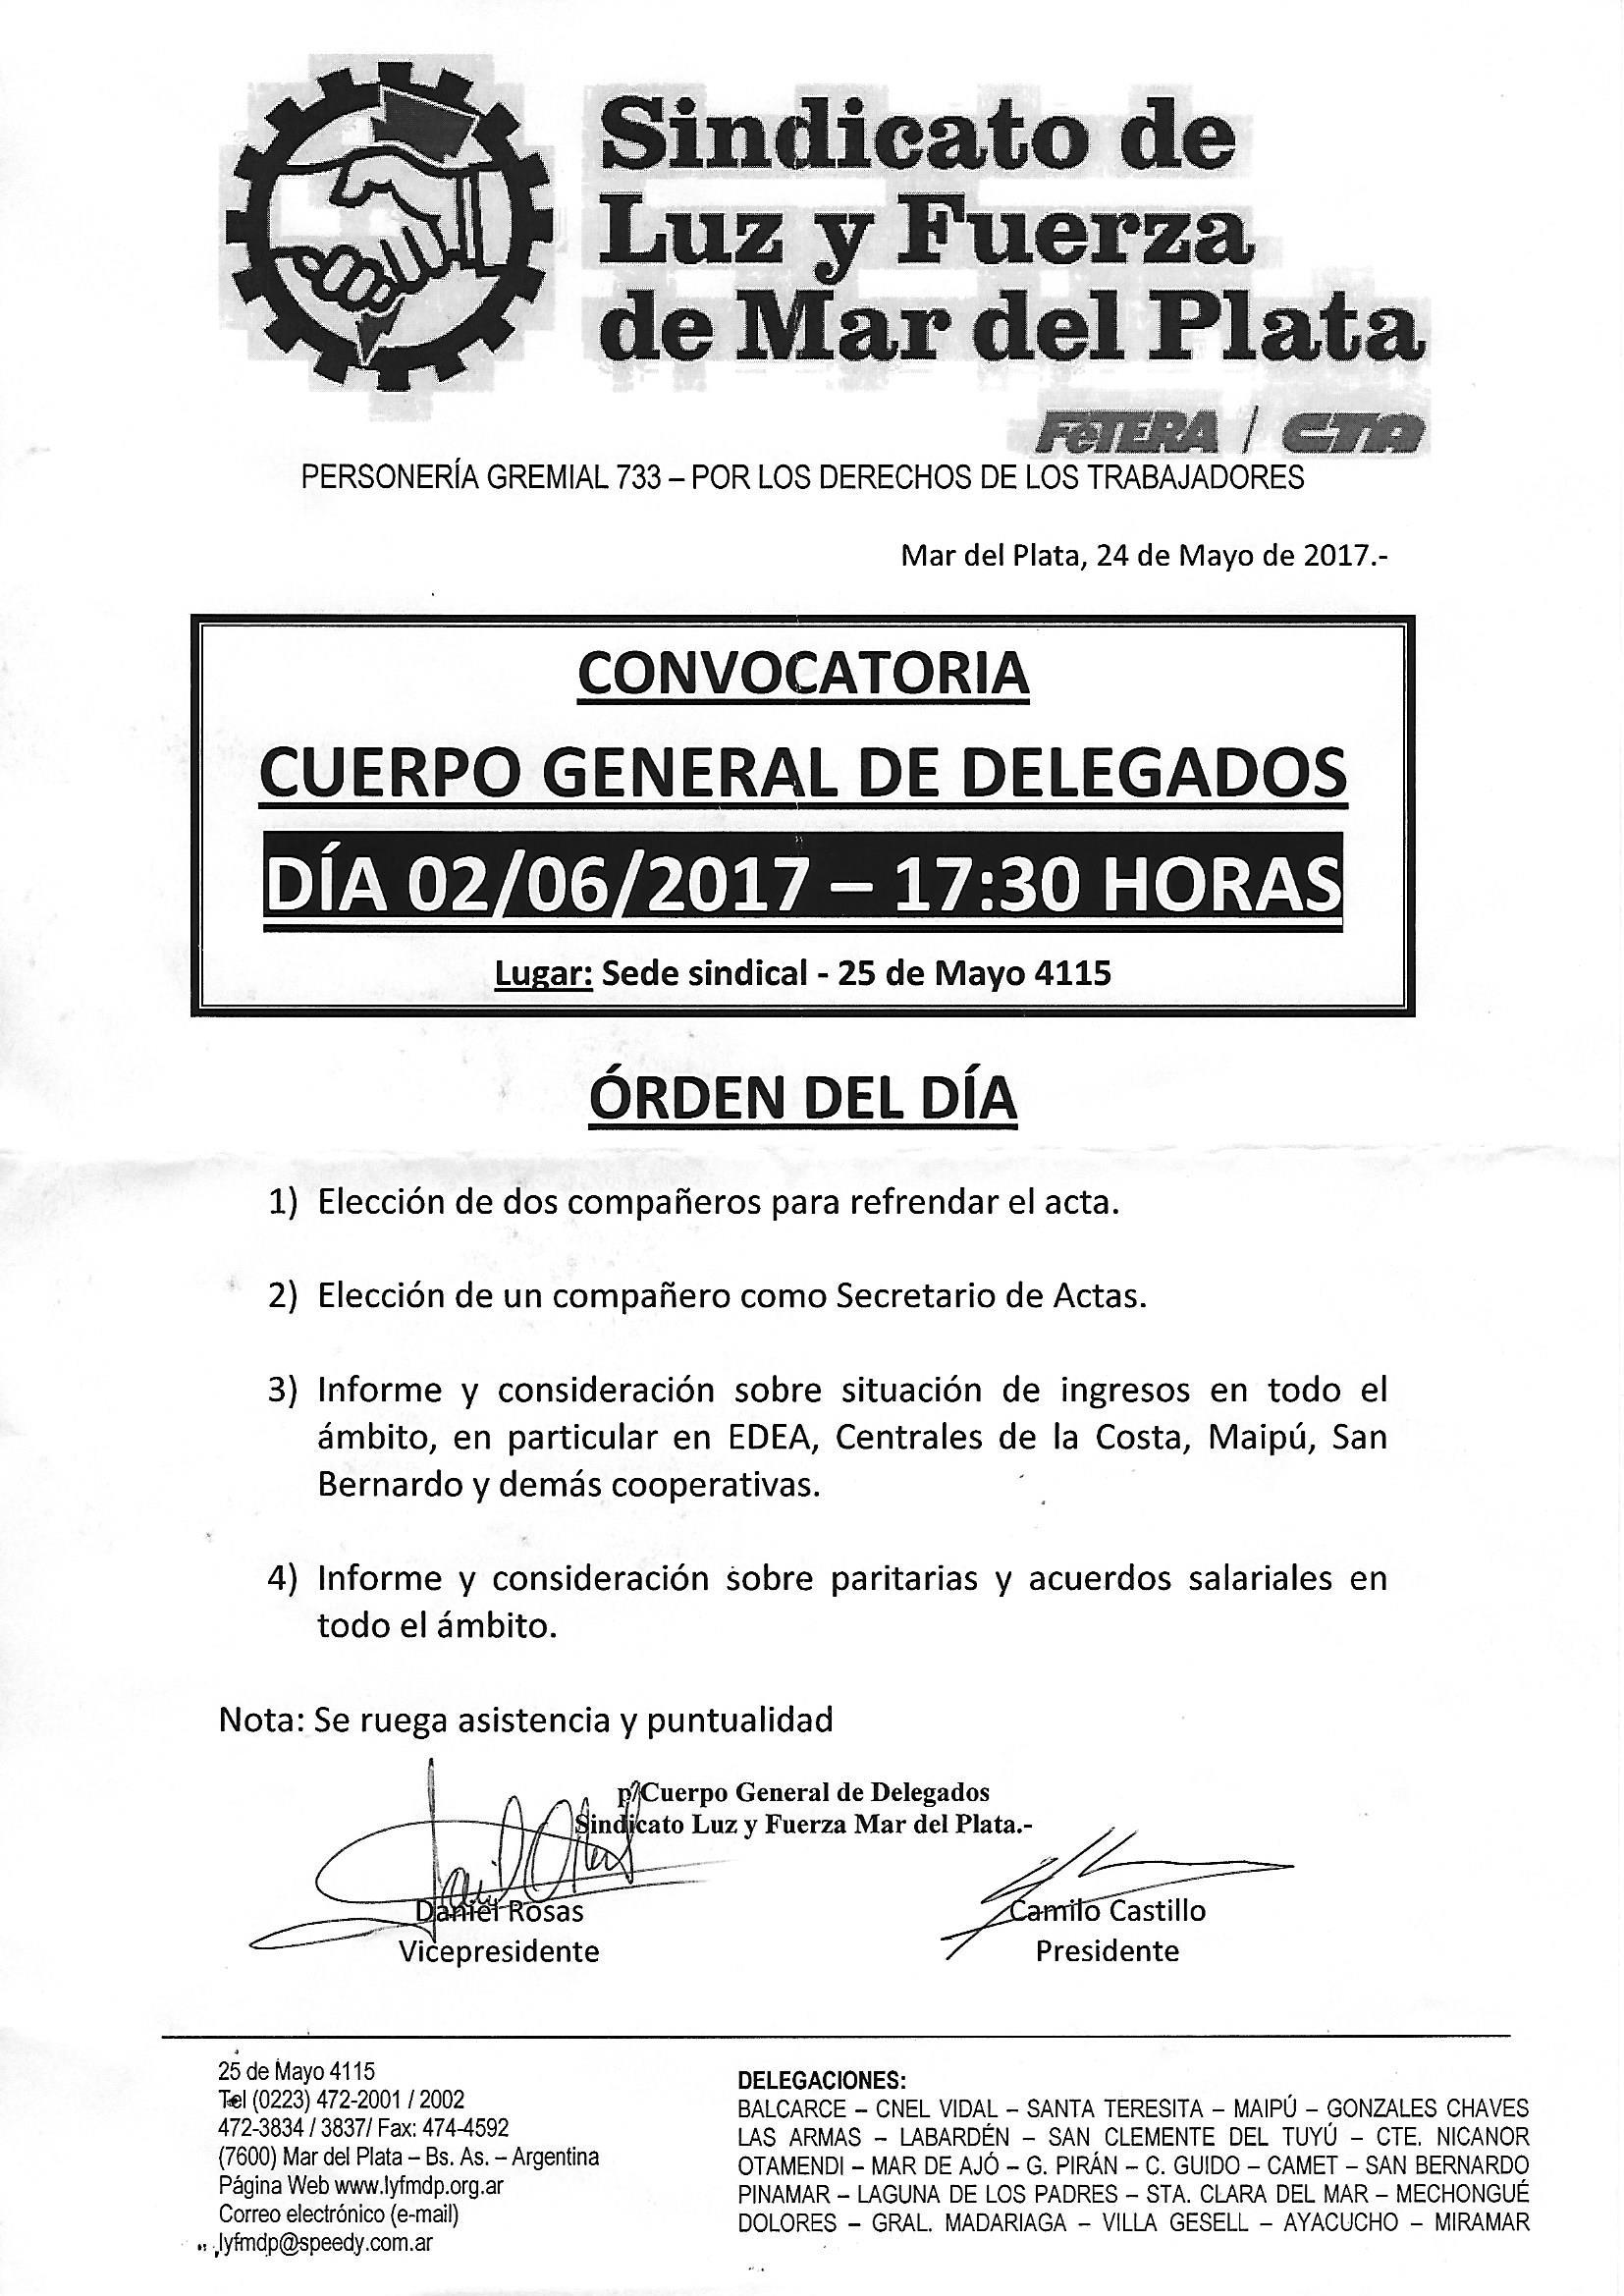 CONVOCATORIA AL CUERPO GENERAL DE DELEGADOS 2 DE JUNIO DE 2017 - 17.30hs